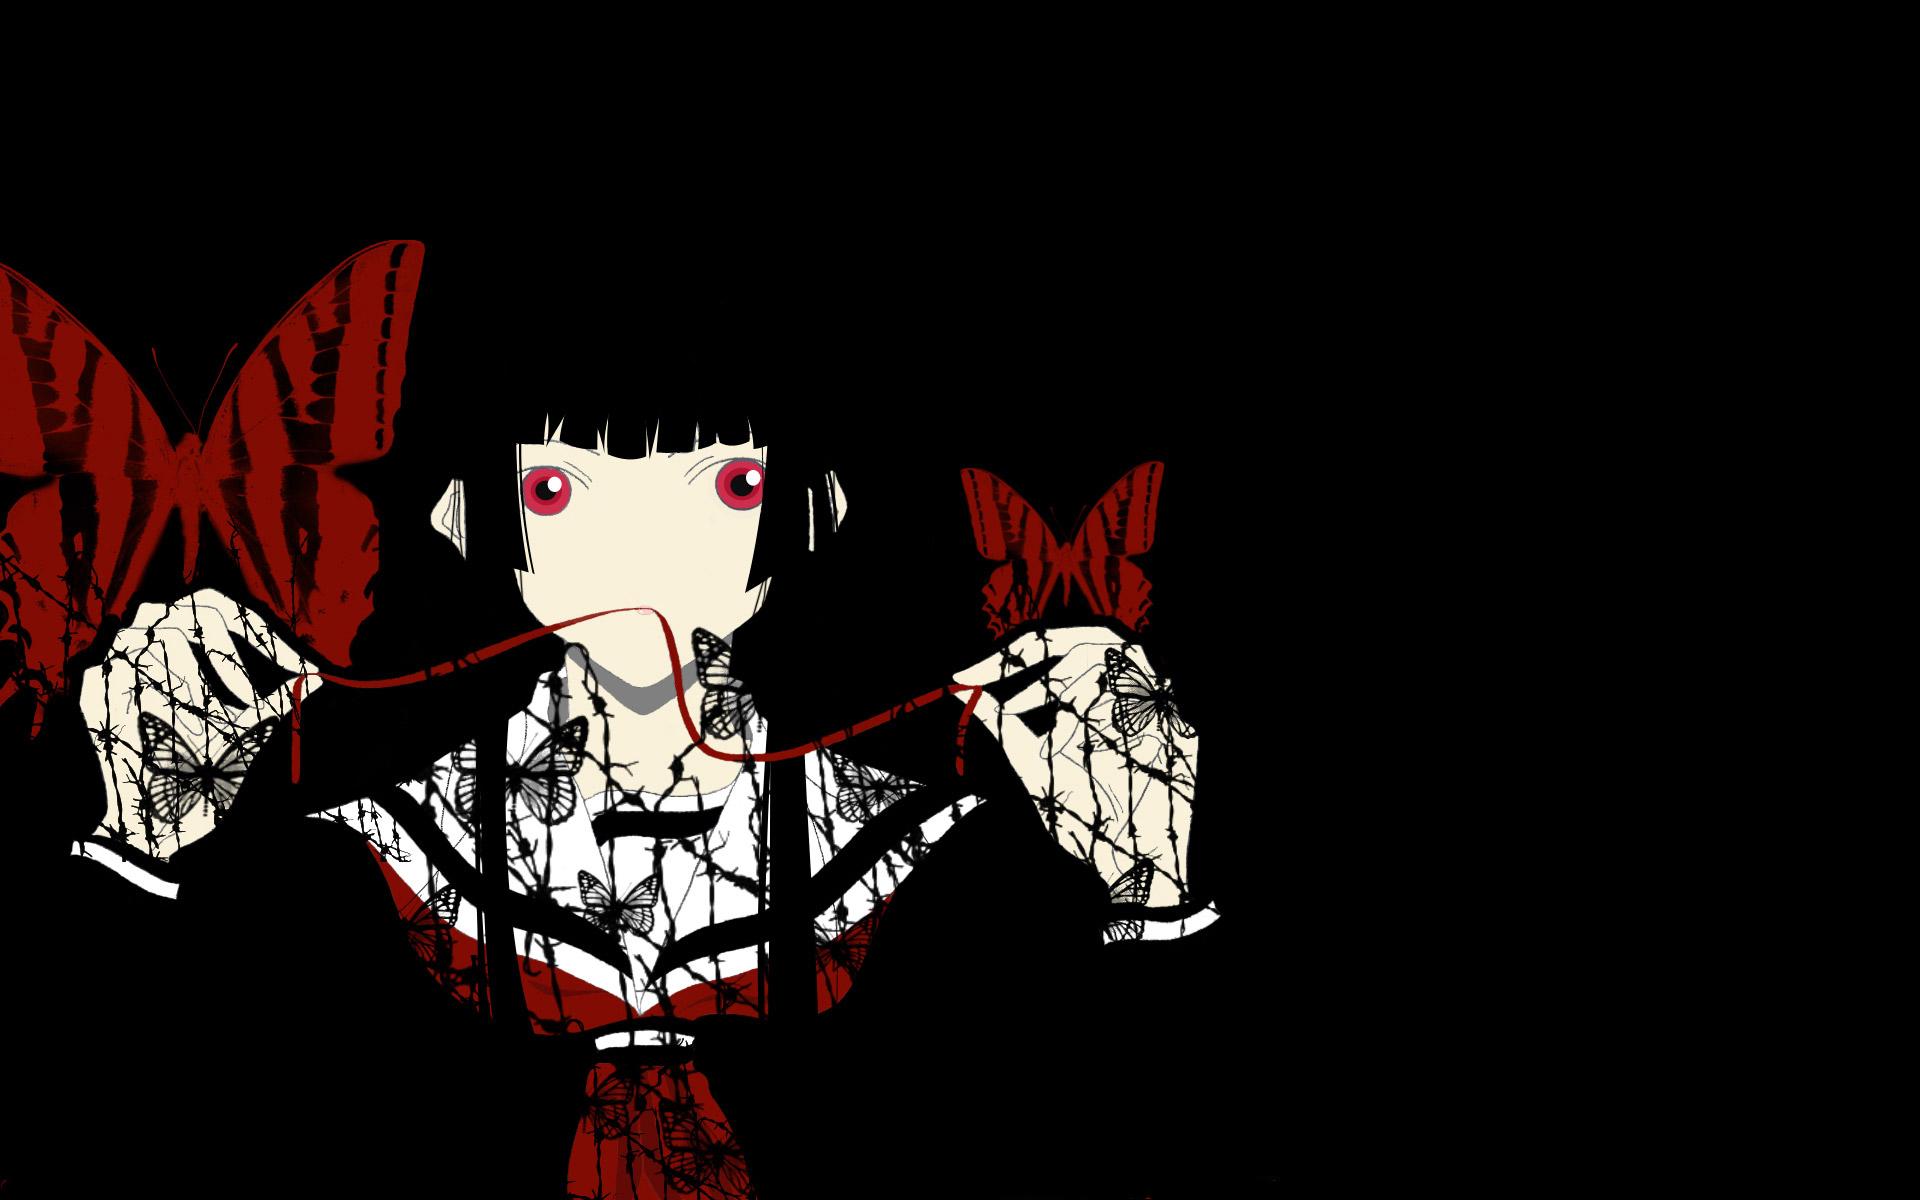 Anime jigoku shoujo full hd wallpaper and background - Anime wallpaper black background ...